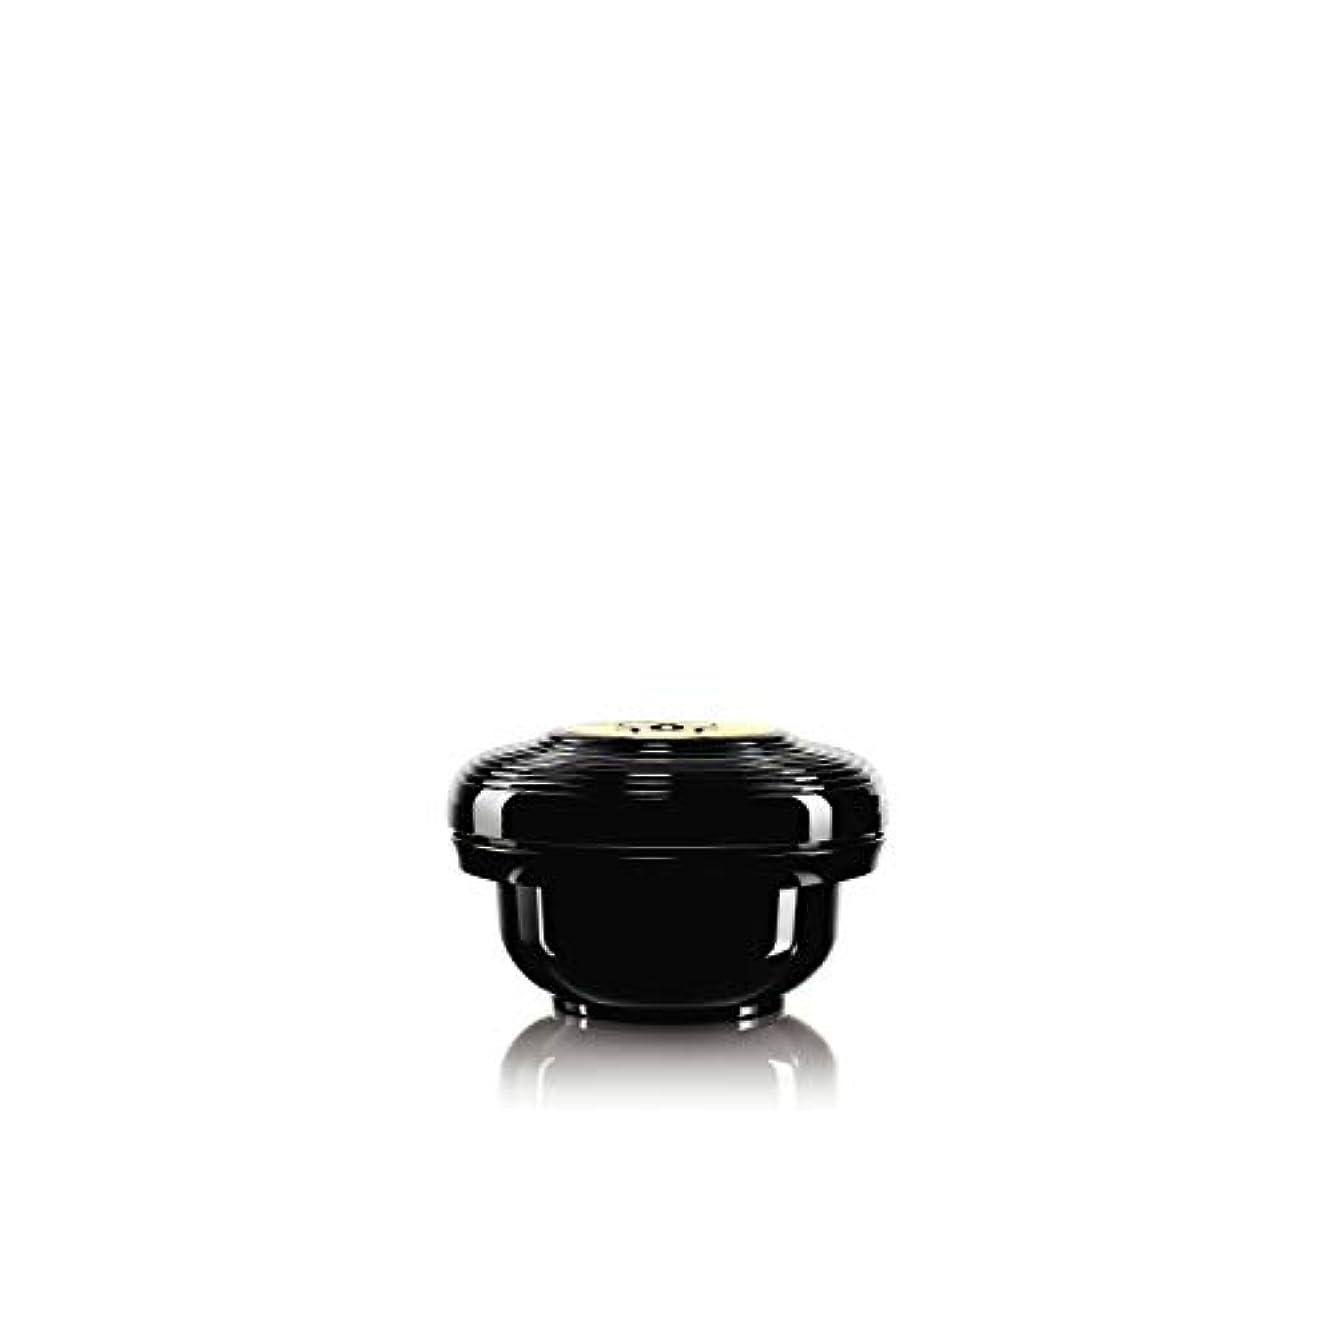 キャンパスふくろう作成する【GUERLAIN(ゲラン)】オーキデ アンペリアル ブラック クリーム ベルナルド(リフィル)50mL/クリーム